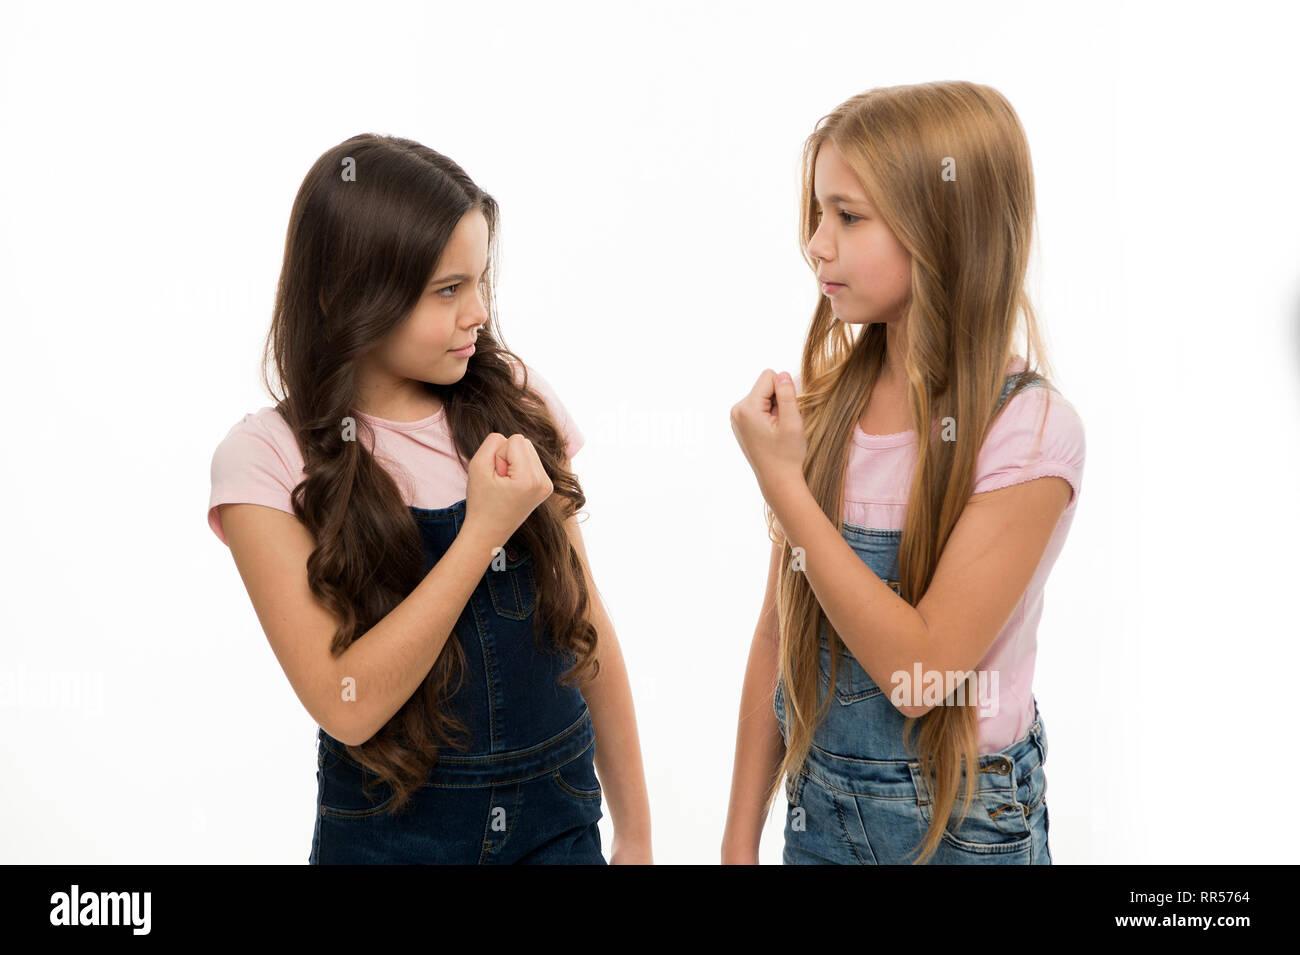 Wer Ist Das Schönste Kleine Mädchen Mit Langen Frisur